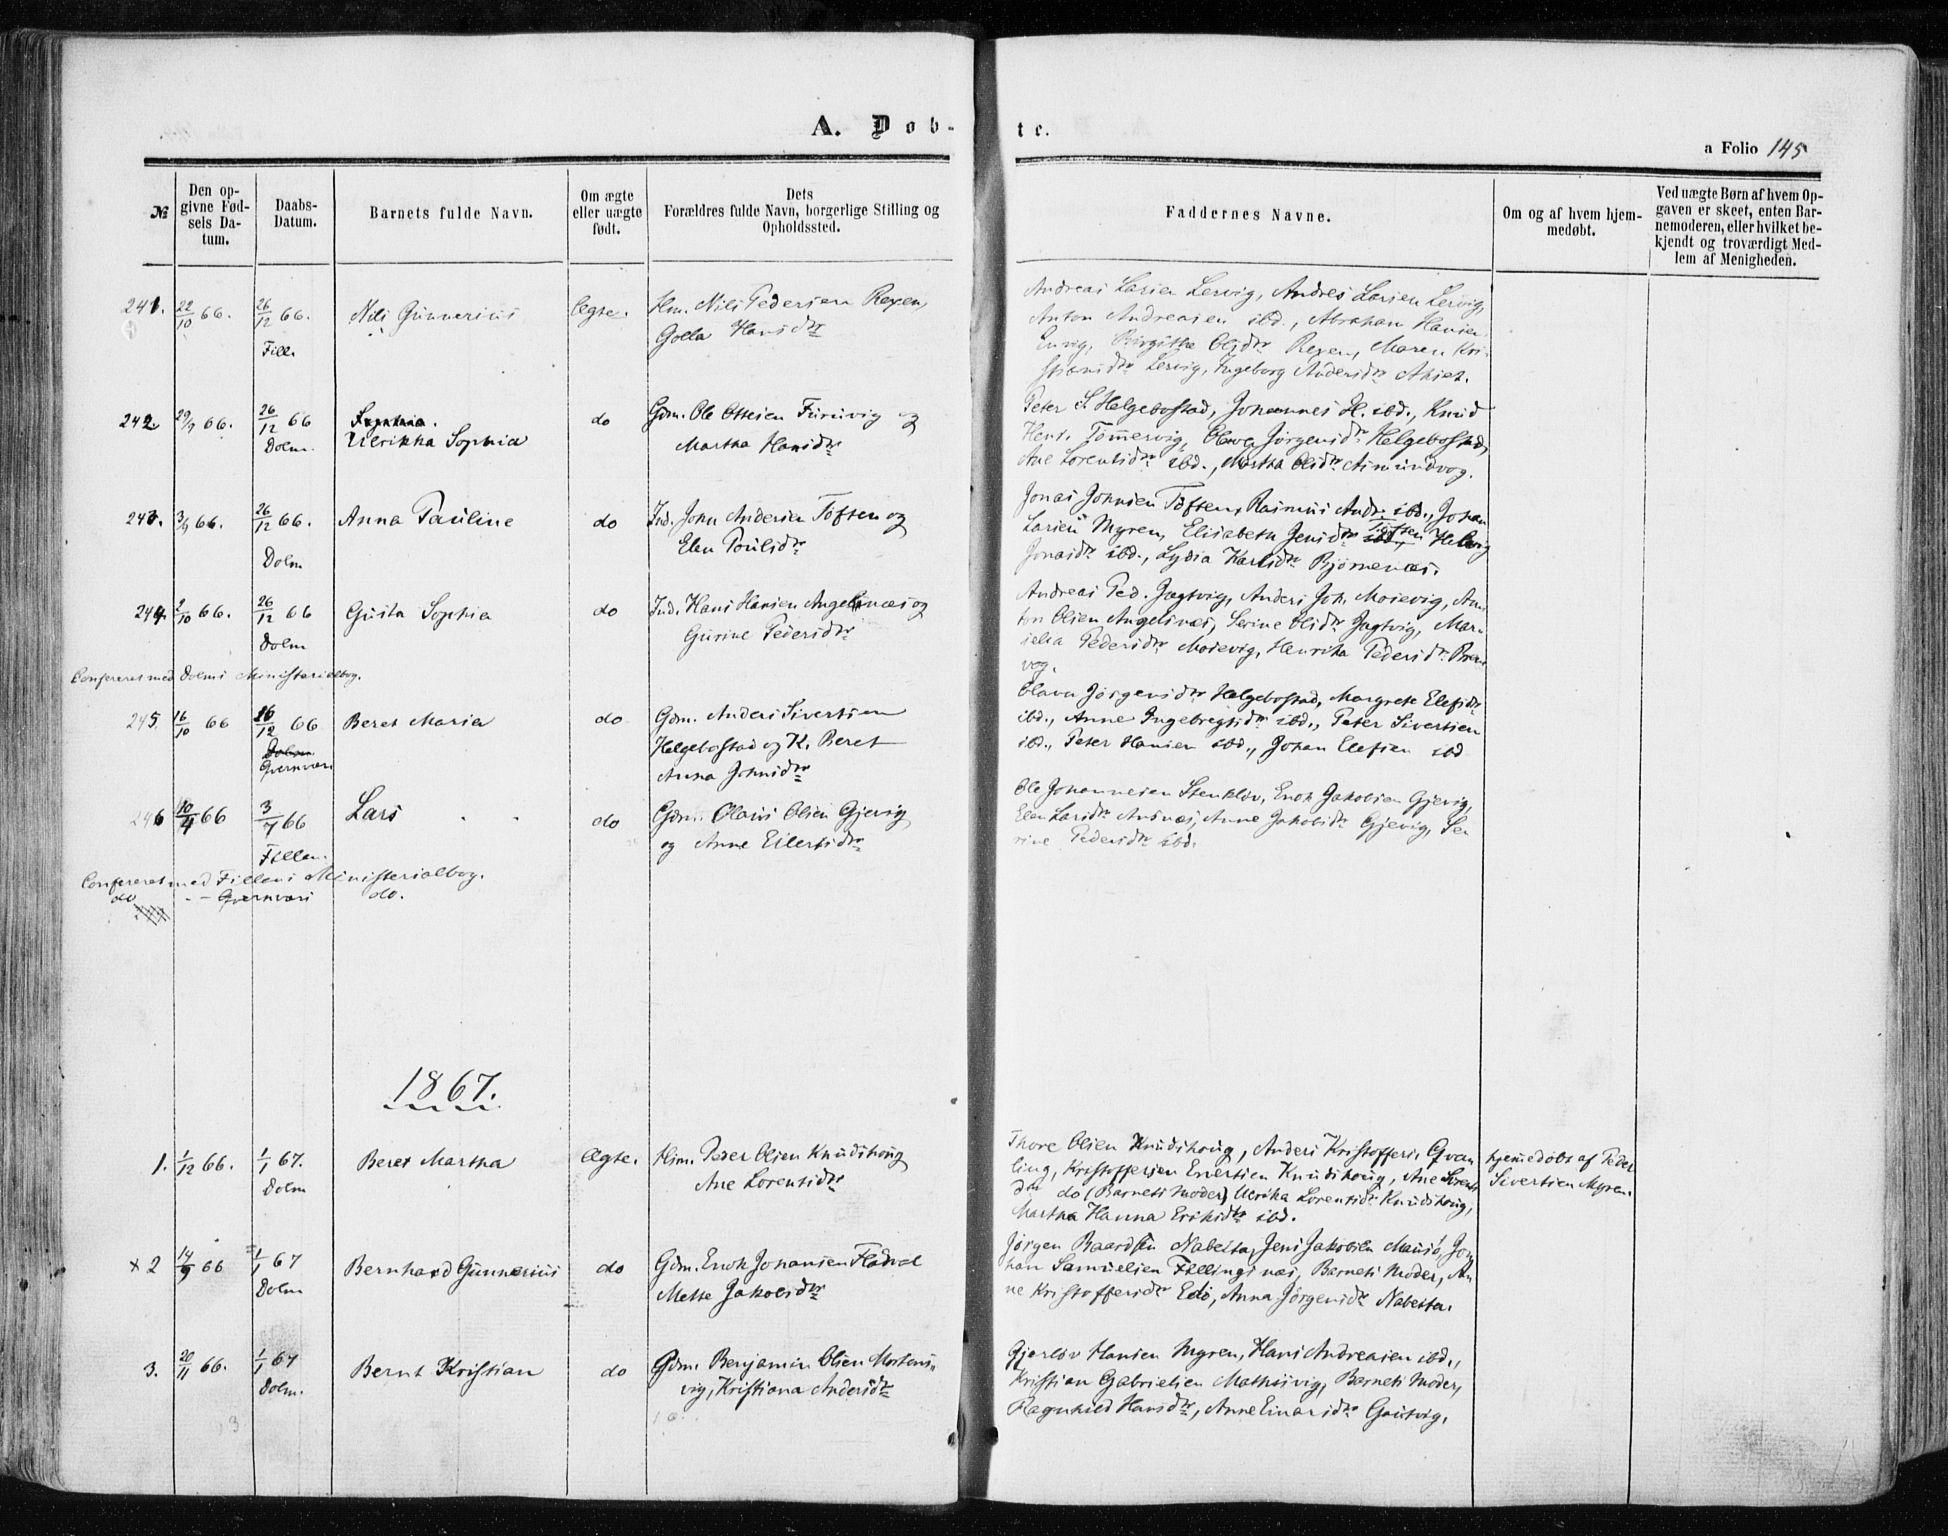 SAT, Ministerialprotokoller, klokkerbøker og fødselsregistre - Sør-Trøndelag, 634/L0531: Ministerialbok nr. 634A07, 1861-1870, s. 145